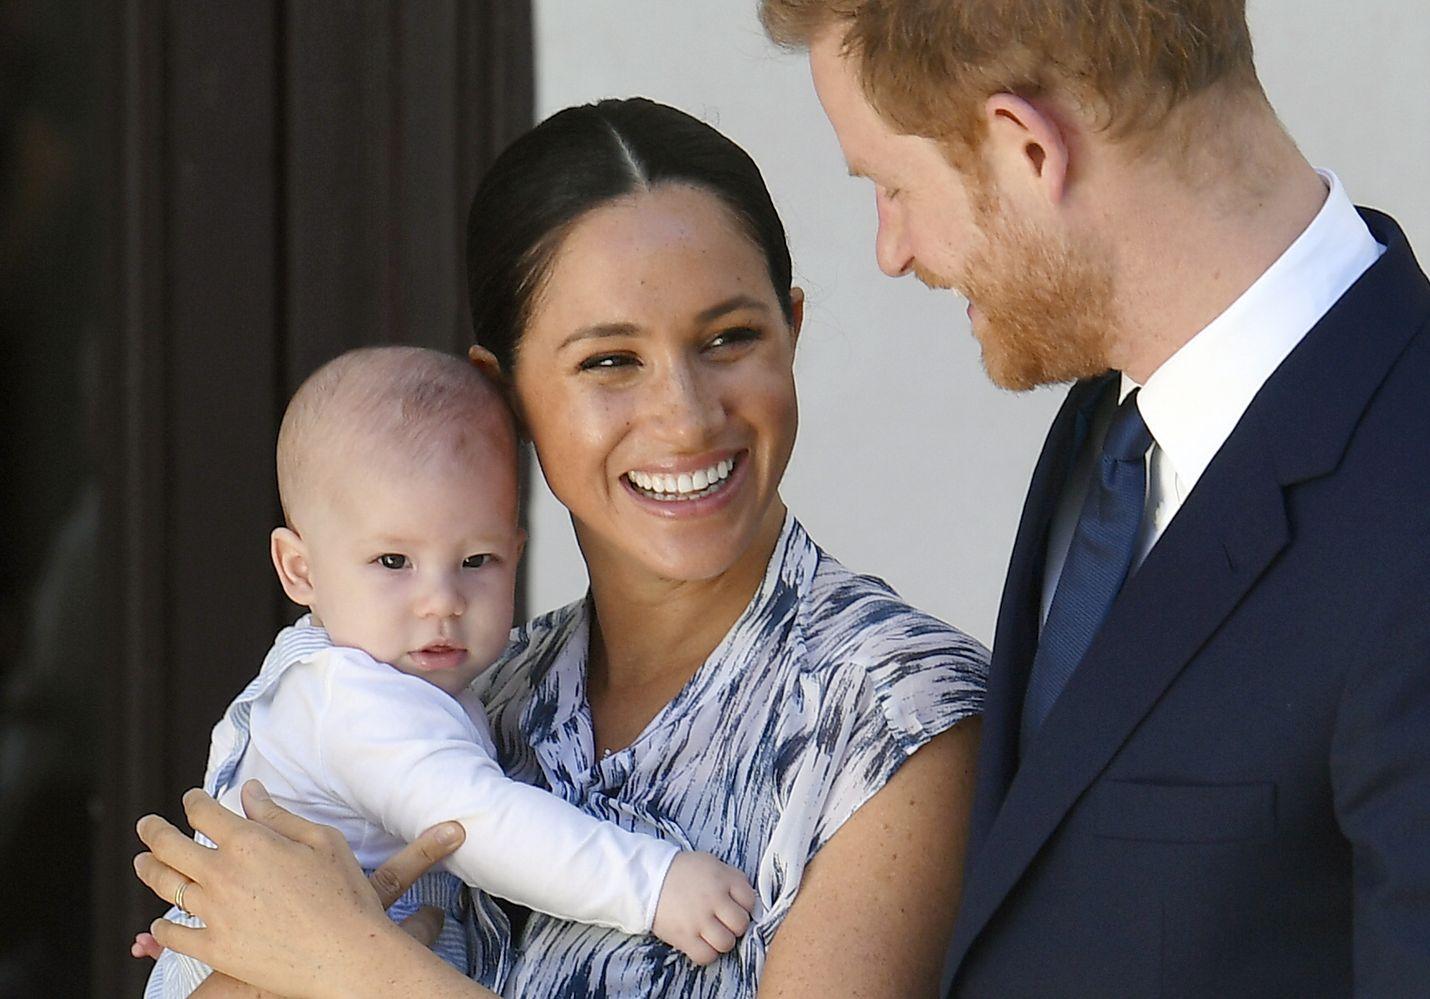 Herttuatar Meghan ja prinssi Harry haluavat kasvattaa poikaansa Archieta itsenäisesti ansaitsevina tavallisina kansalaisina. Moni kanadalainen toivottaa heidät tervetulleiksi samaan maahanmuuttoprosessiin kuin muutkin.